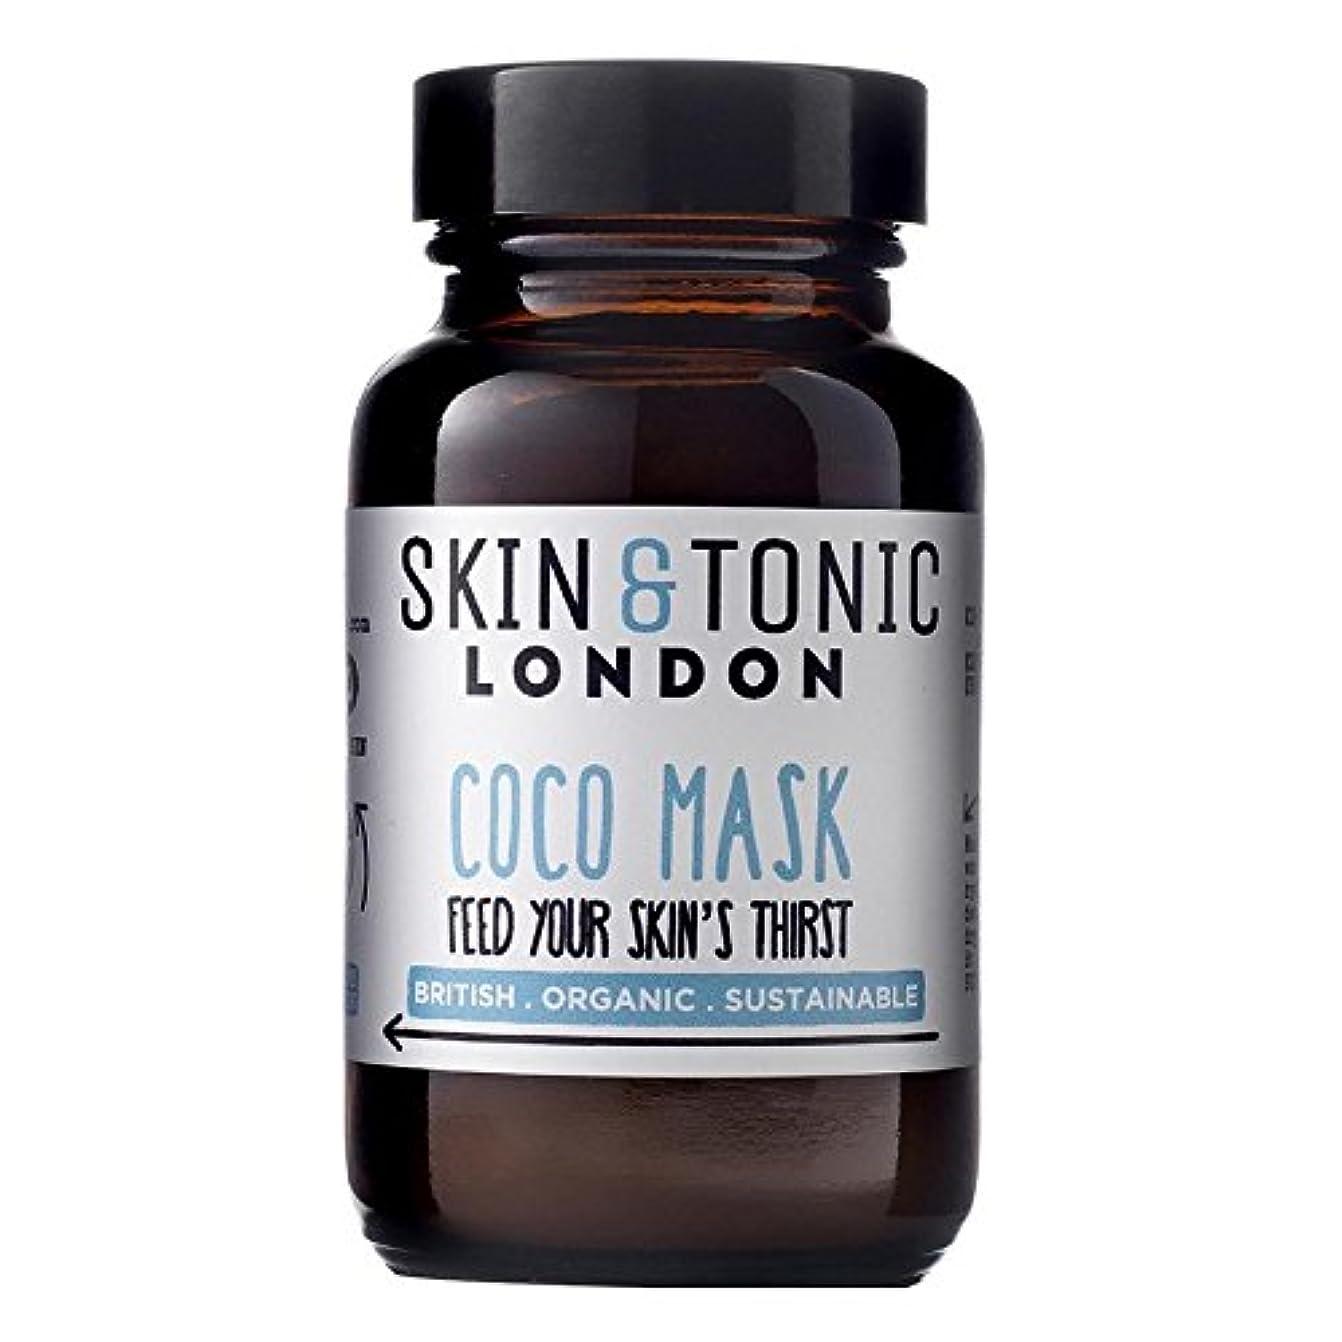 接続された記憶に残るささいなスキン&トニックロンドンココマスク50グラム x4 - Skin & Tonic London Coco Mask 50g (Pack of 4) [並行輸入品]